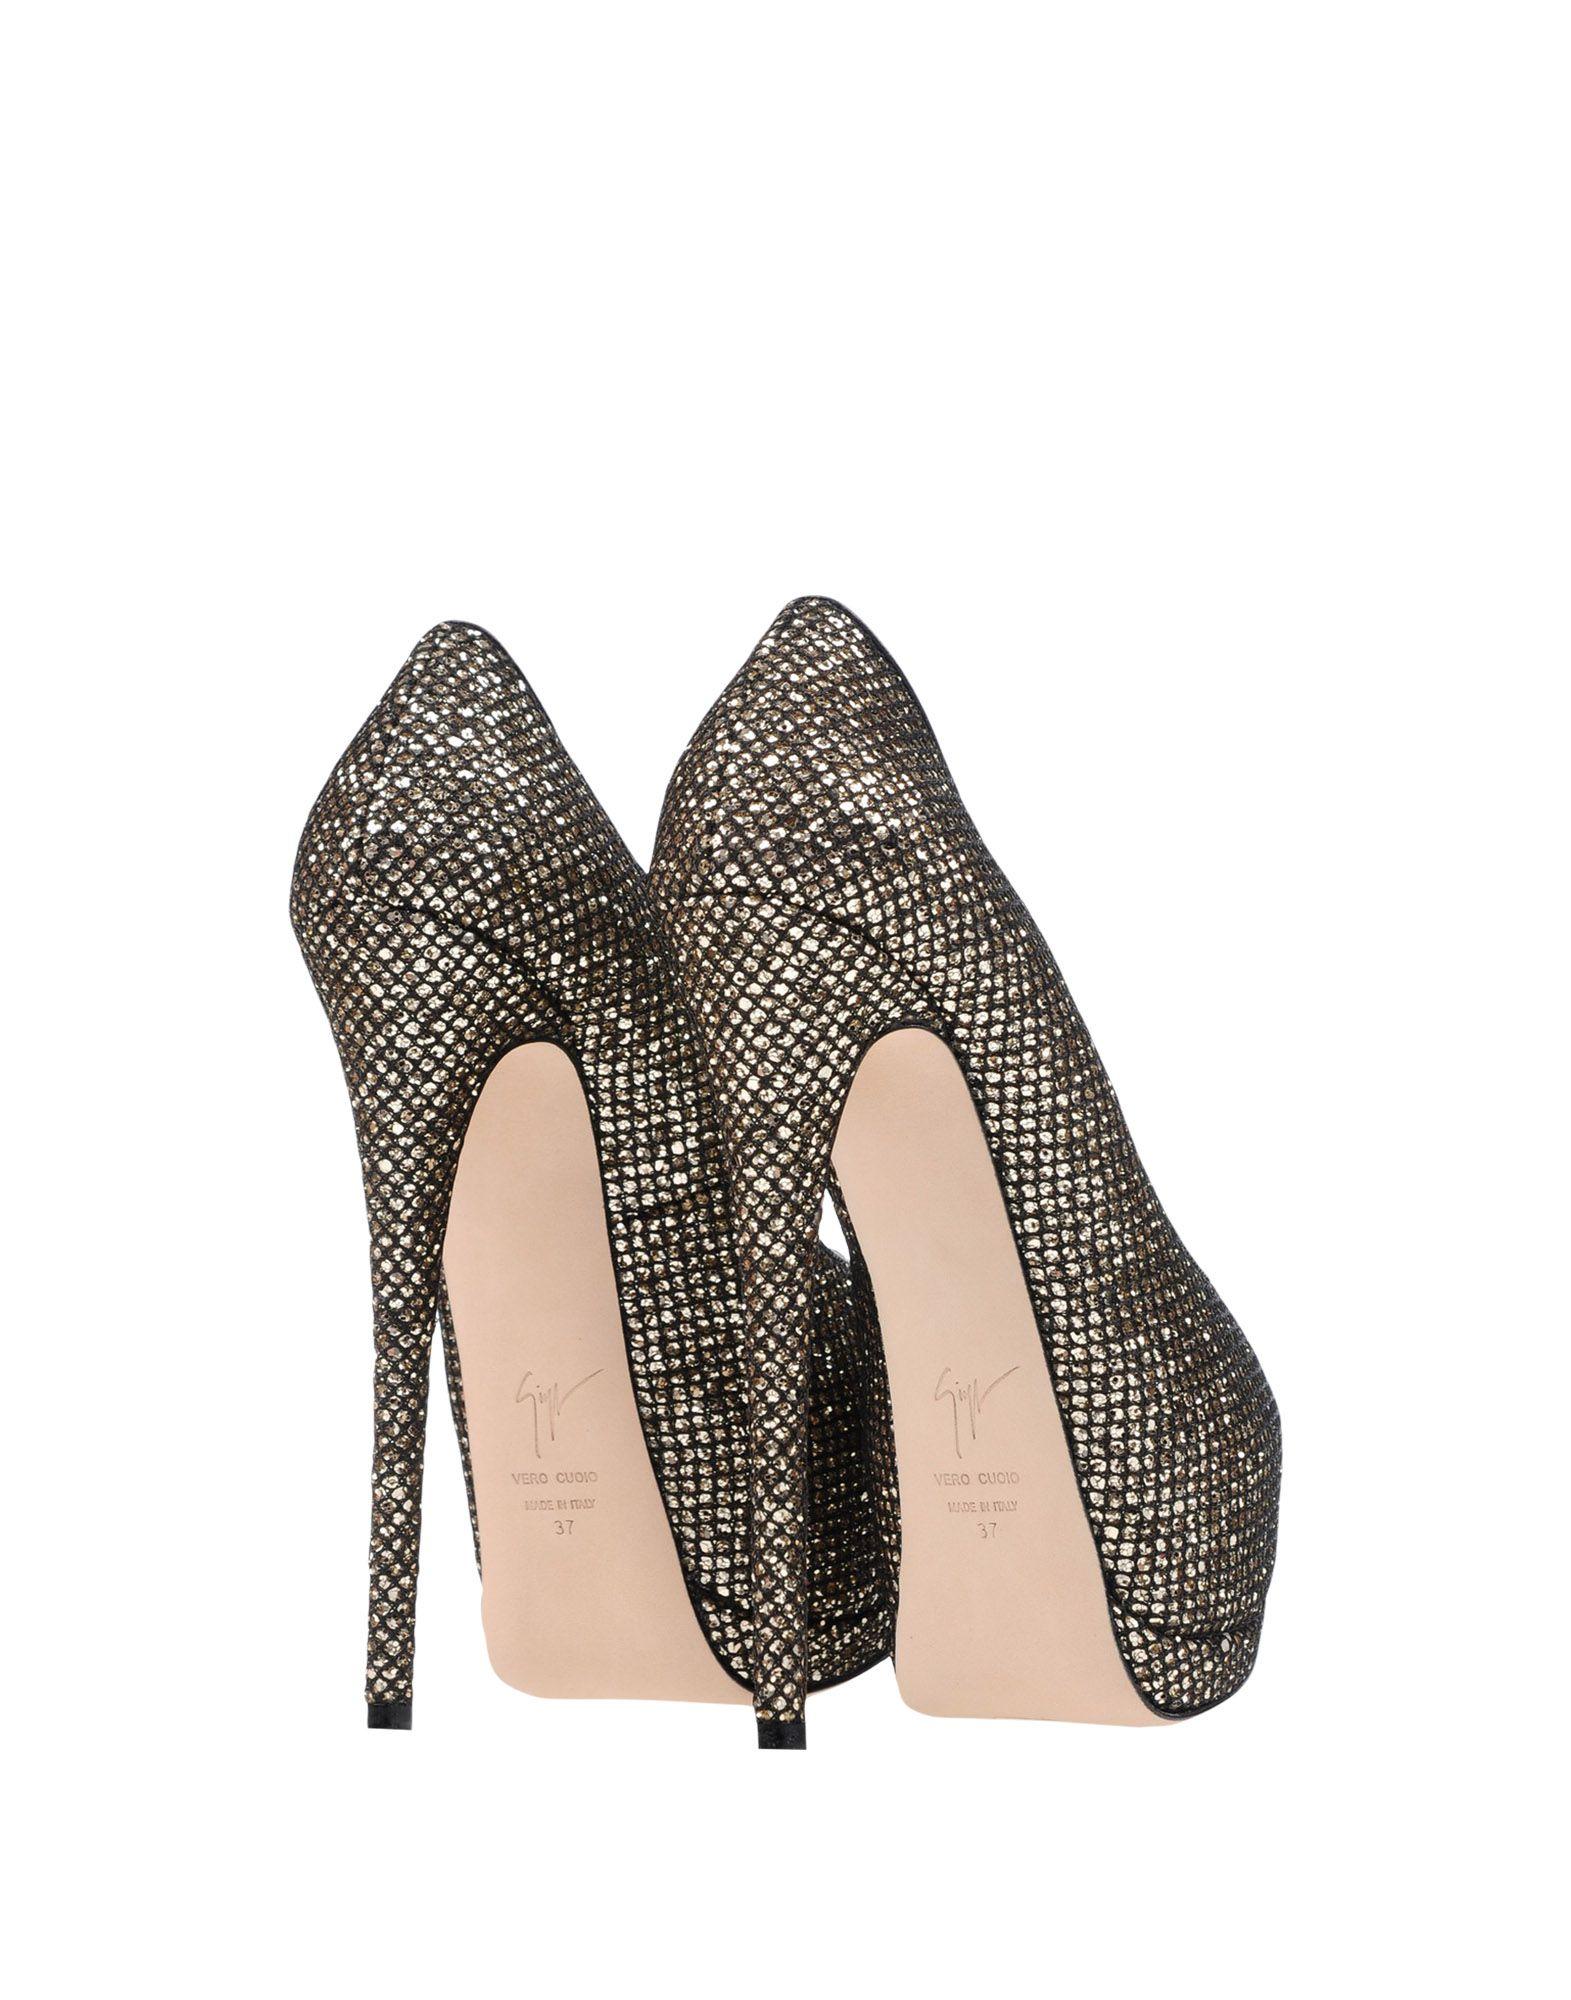 Giuseppe Zanotti Pumps aussehende Damen  11317983UMGünstige gut aussehende Pumps Schuhe 95edeb